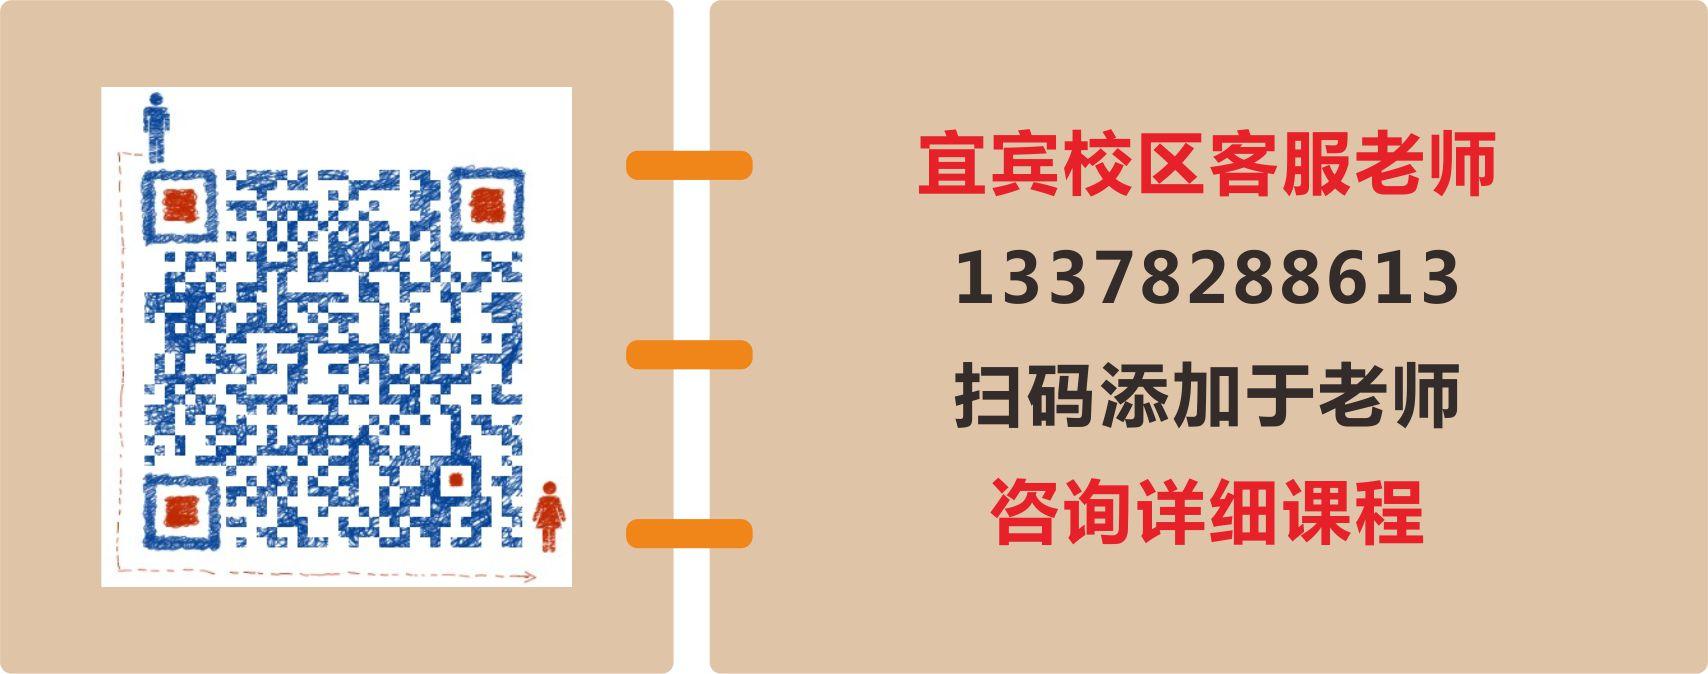 2020年6月6日上午北京市考面试真题(图6)